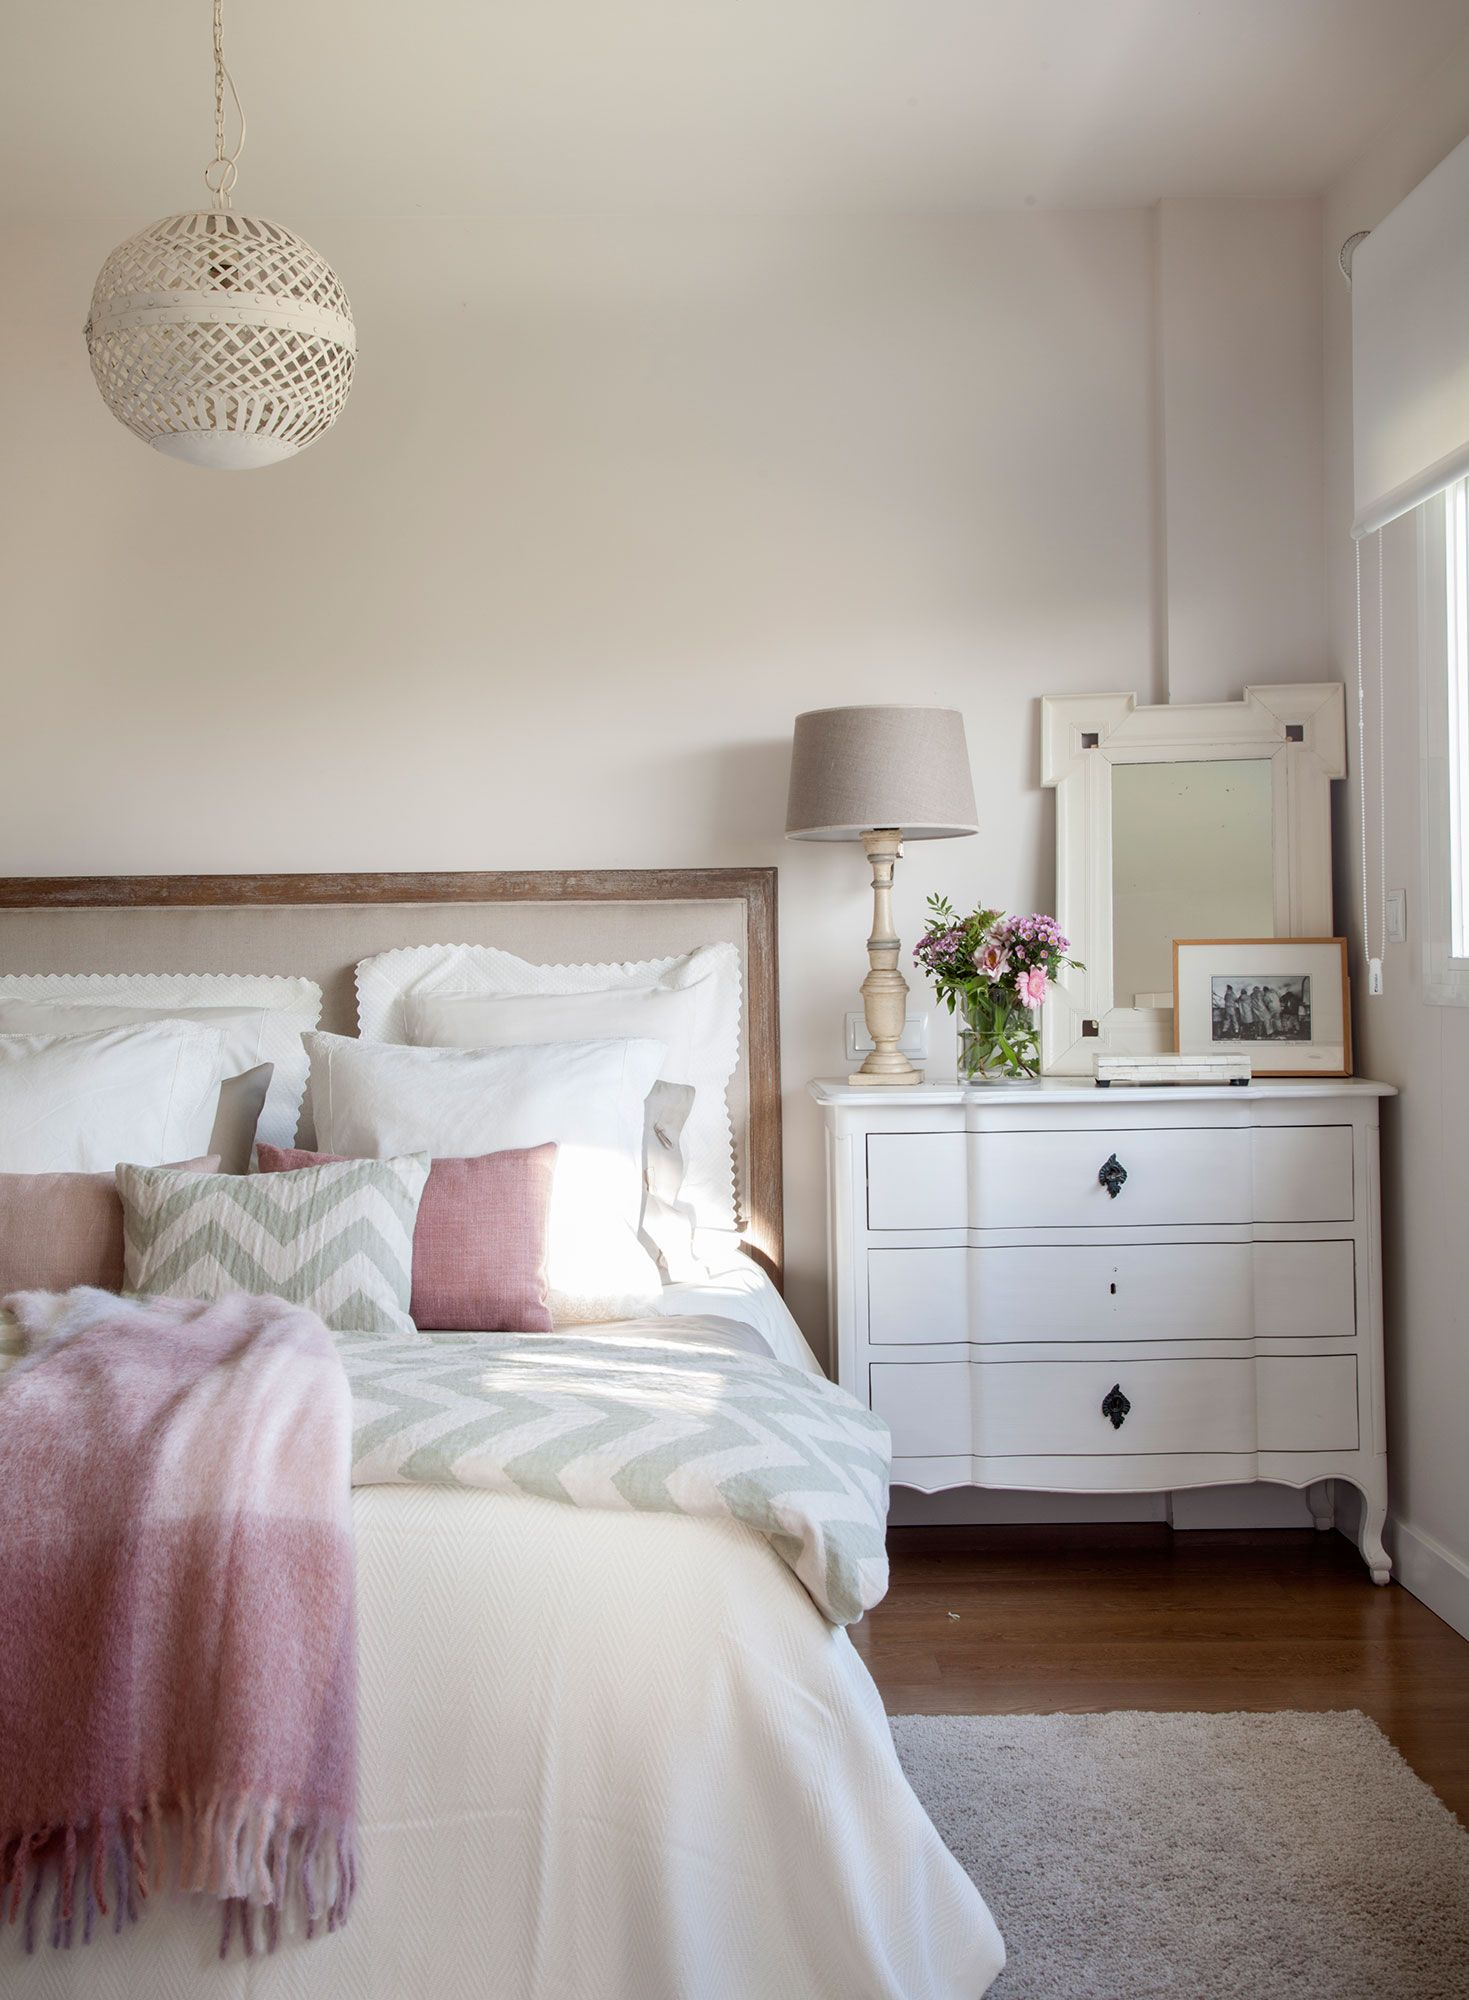 Mesillas de noche para el dormitorio decoraci n for Dormitorios para universitarios